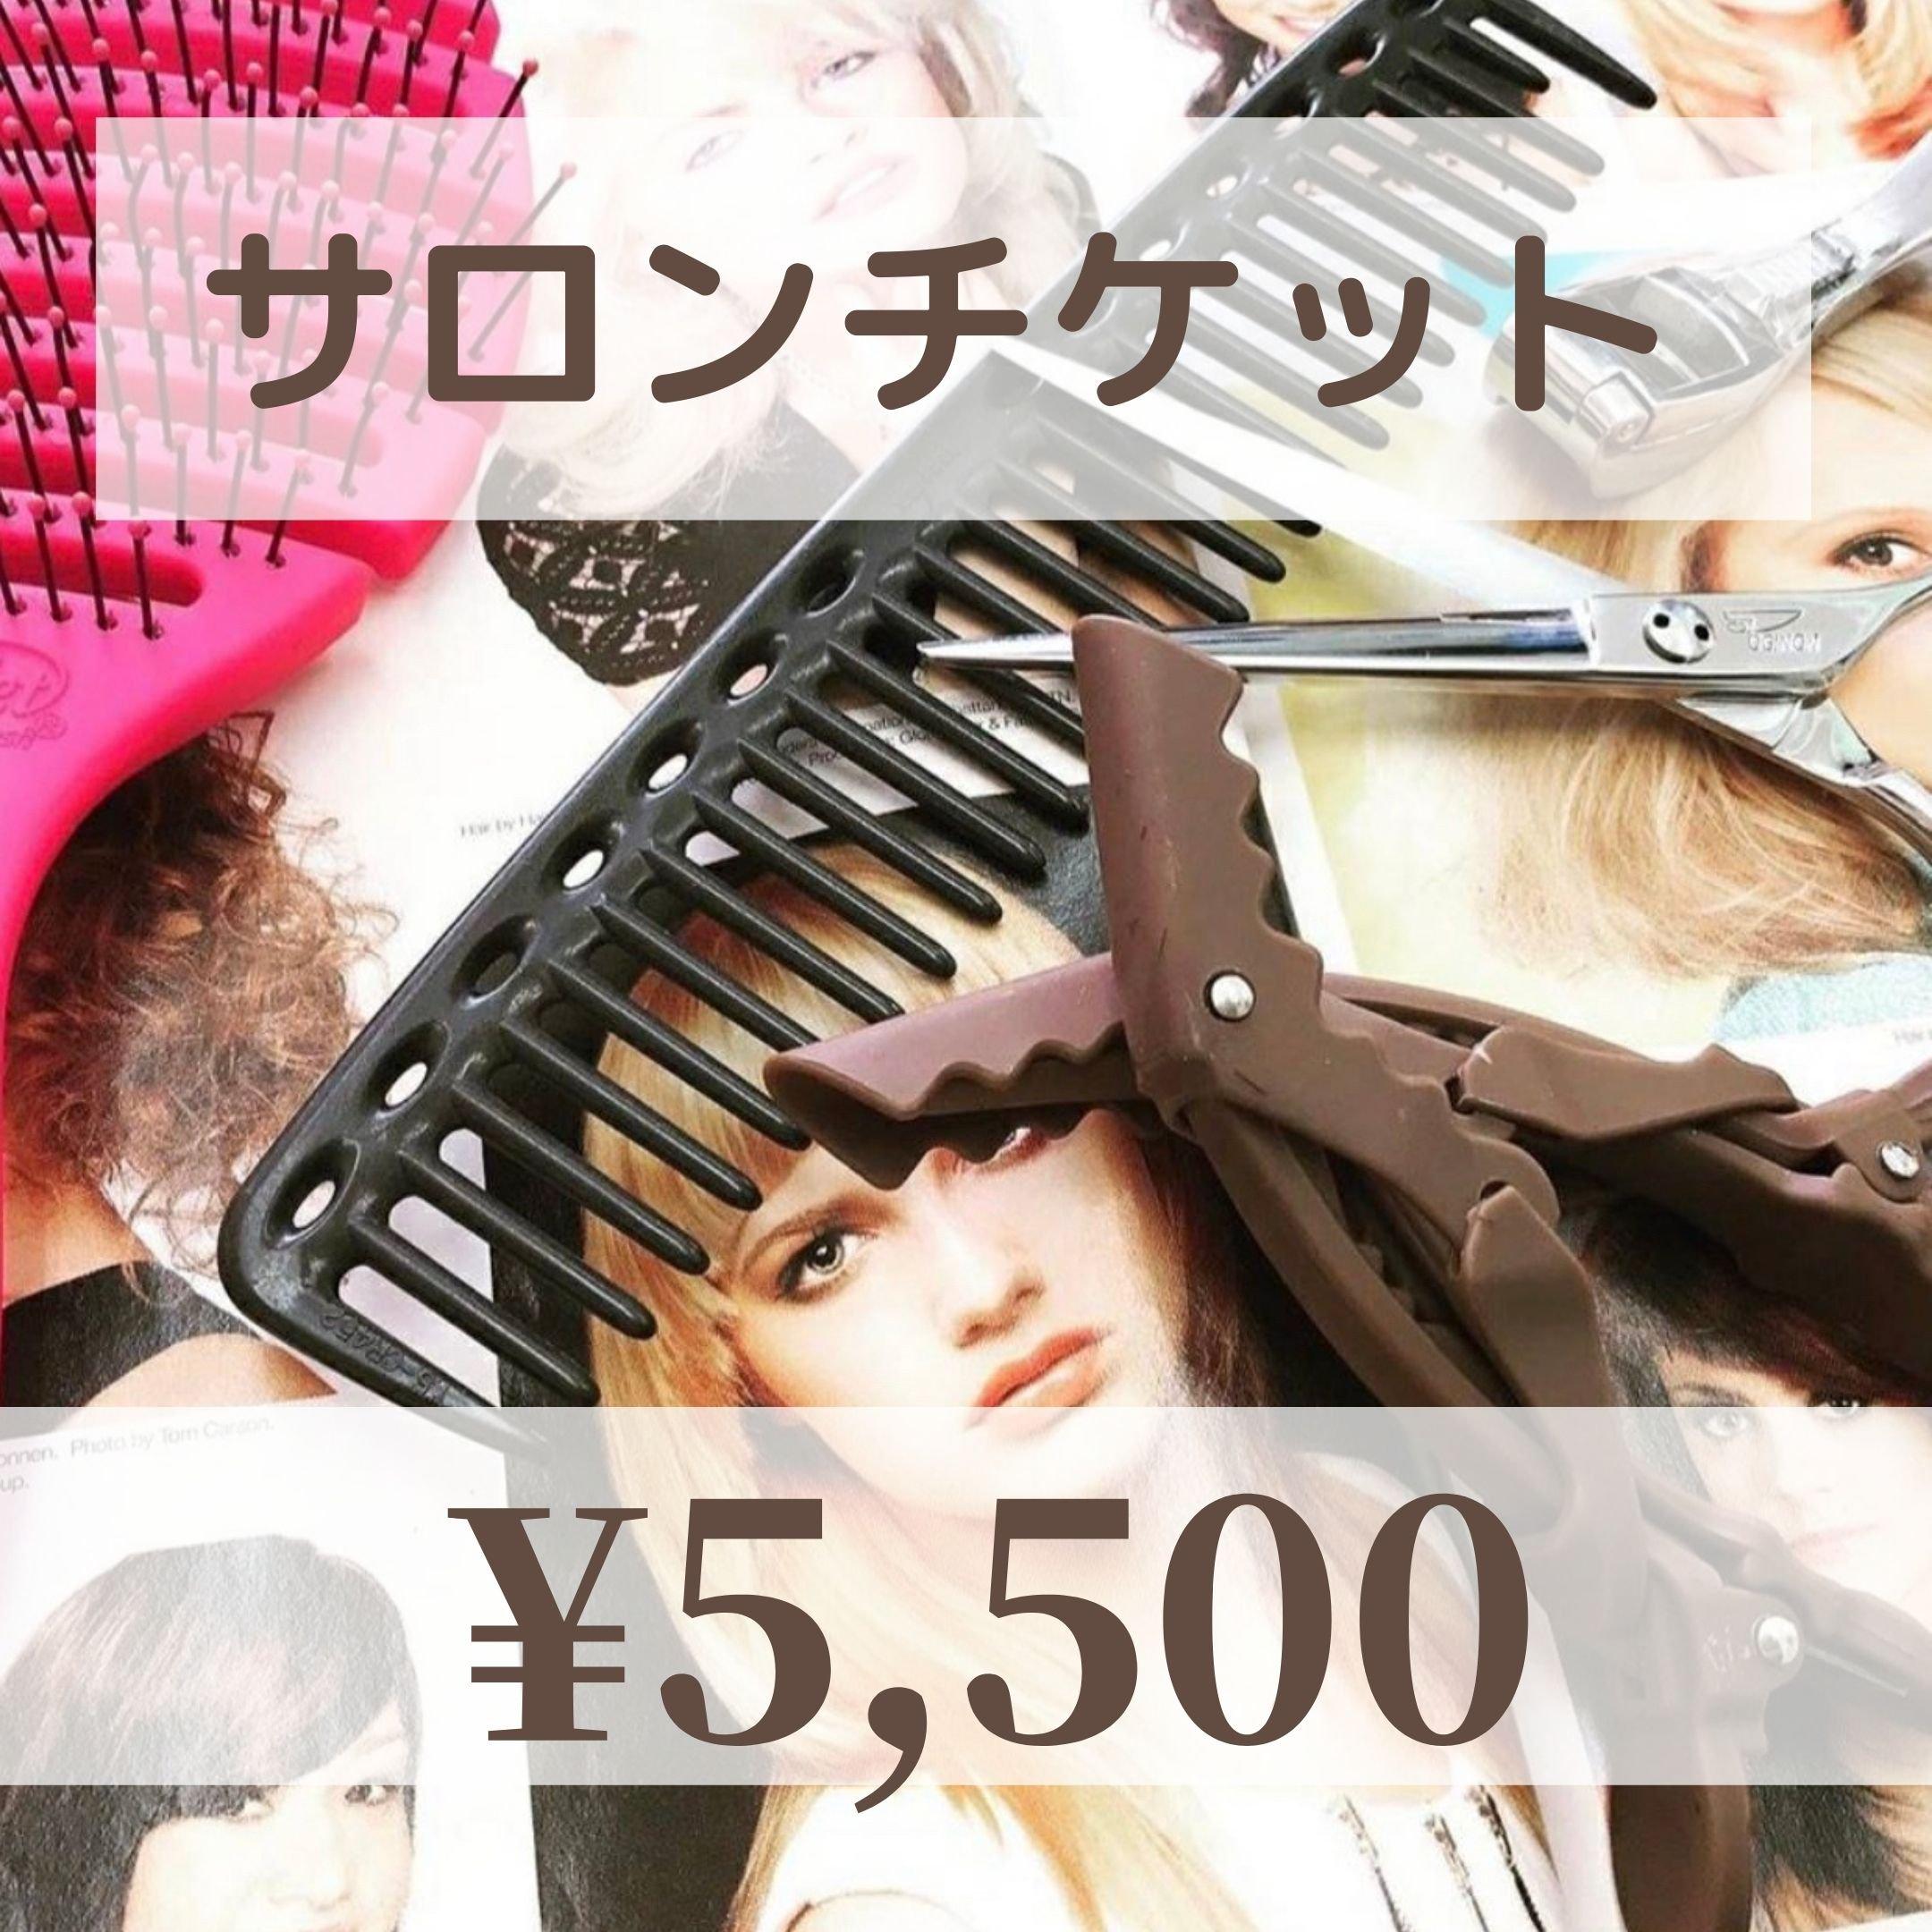 【現地払い専用】サロンチケット¥5,500のイメージその1